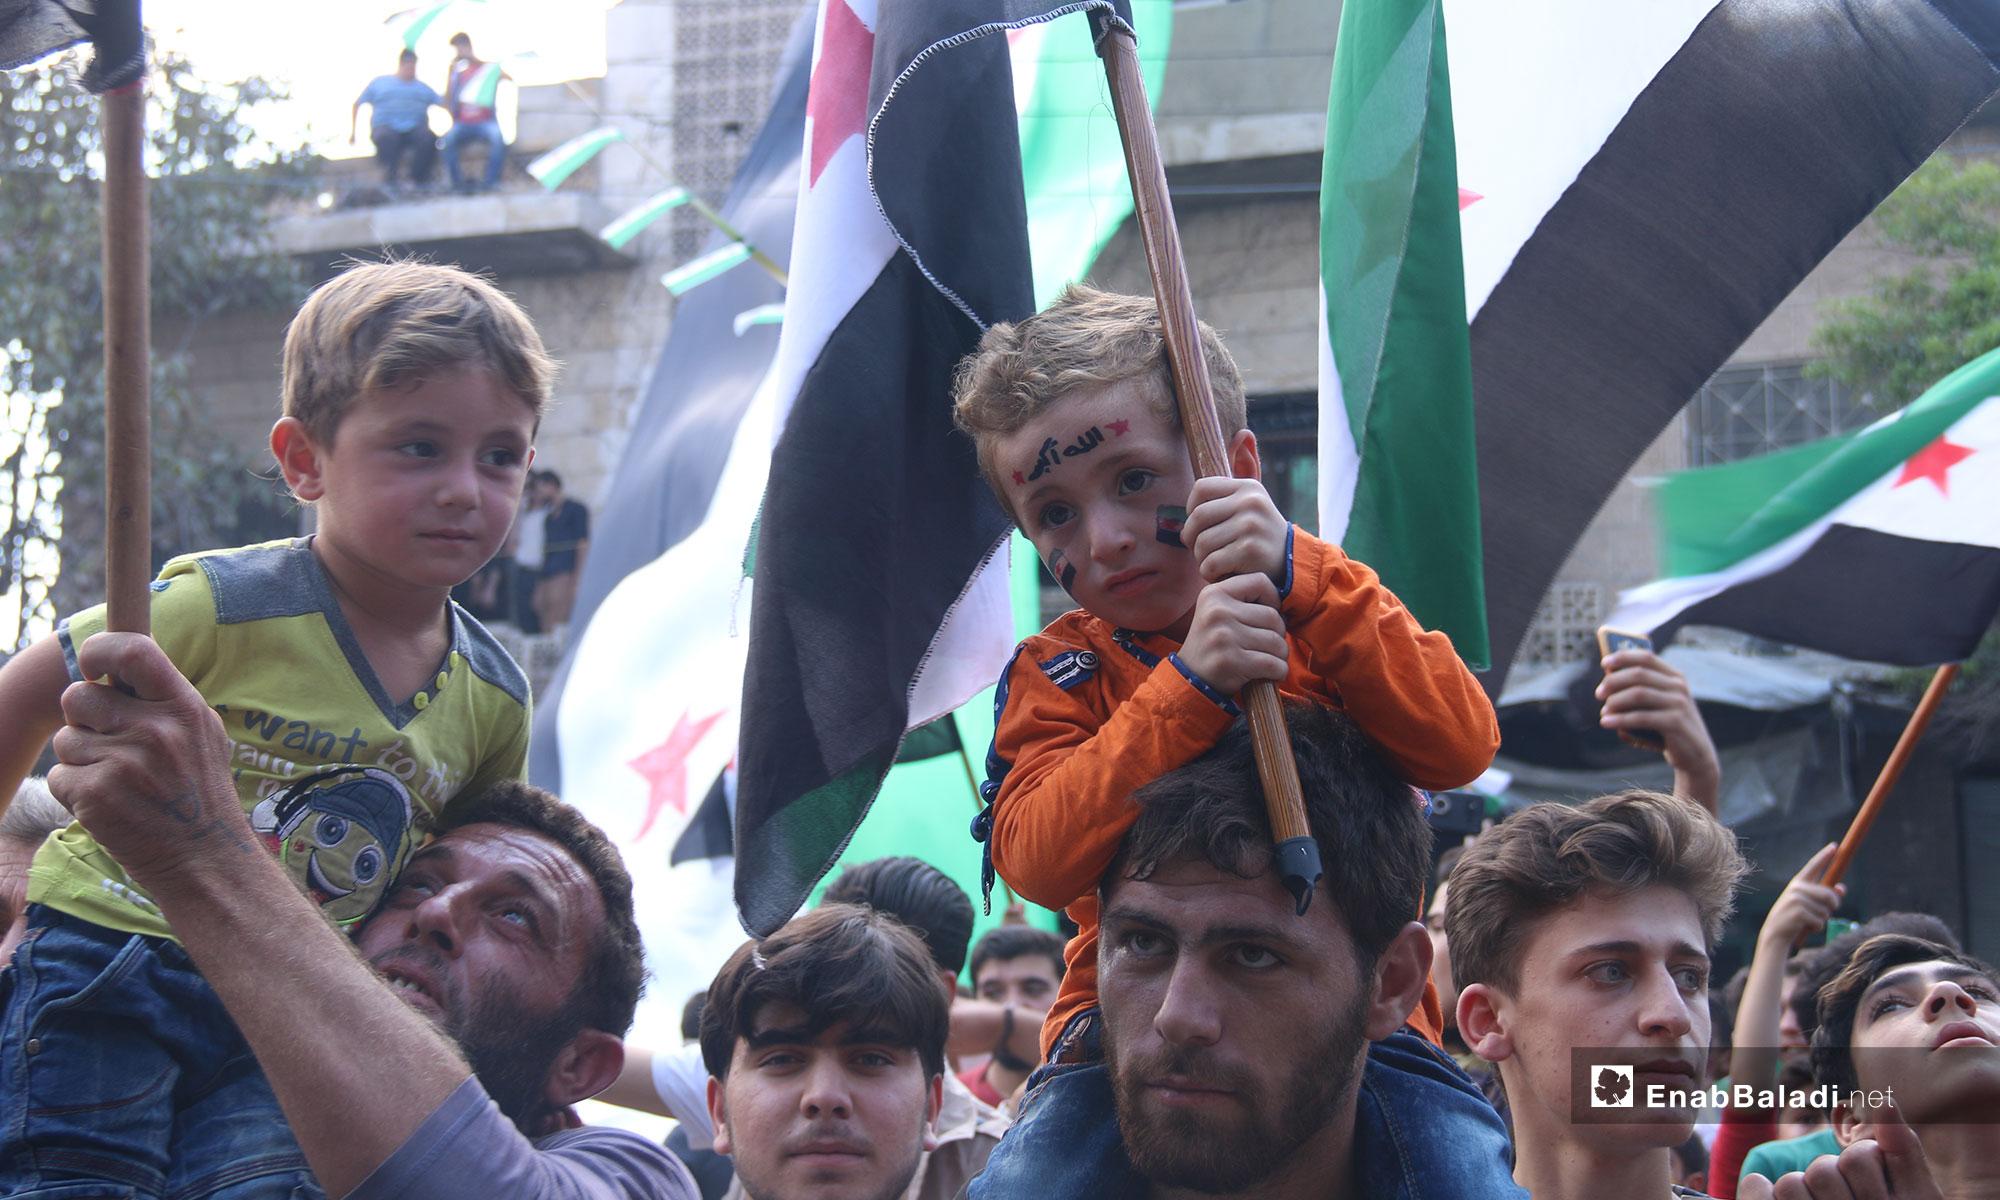 مظاهرات تطالب بتجديد الثورة والإفراج عن المعتقلين في مدينة كفرنبل بريف إدلب  - 21 من أيلول 2018 (عنب بلدي)